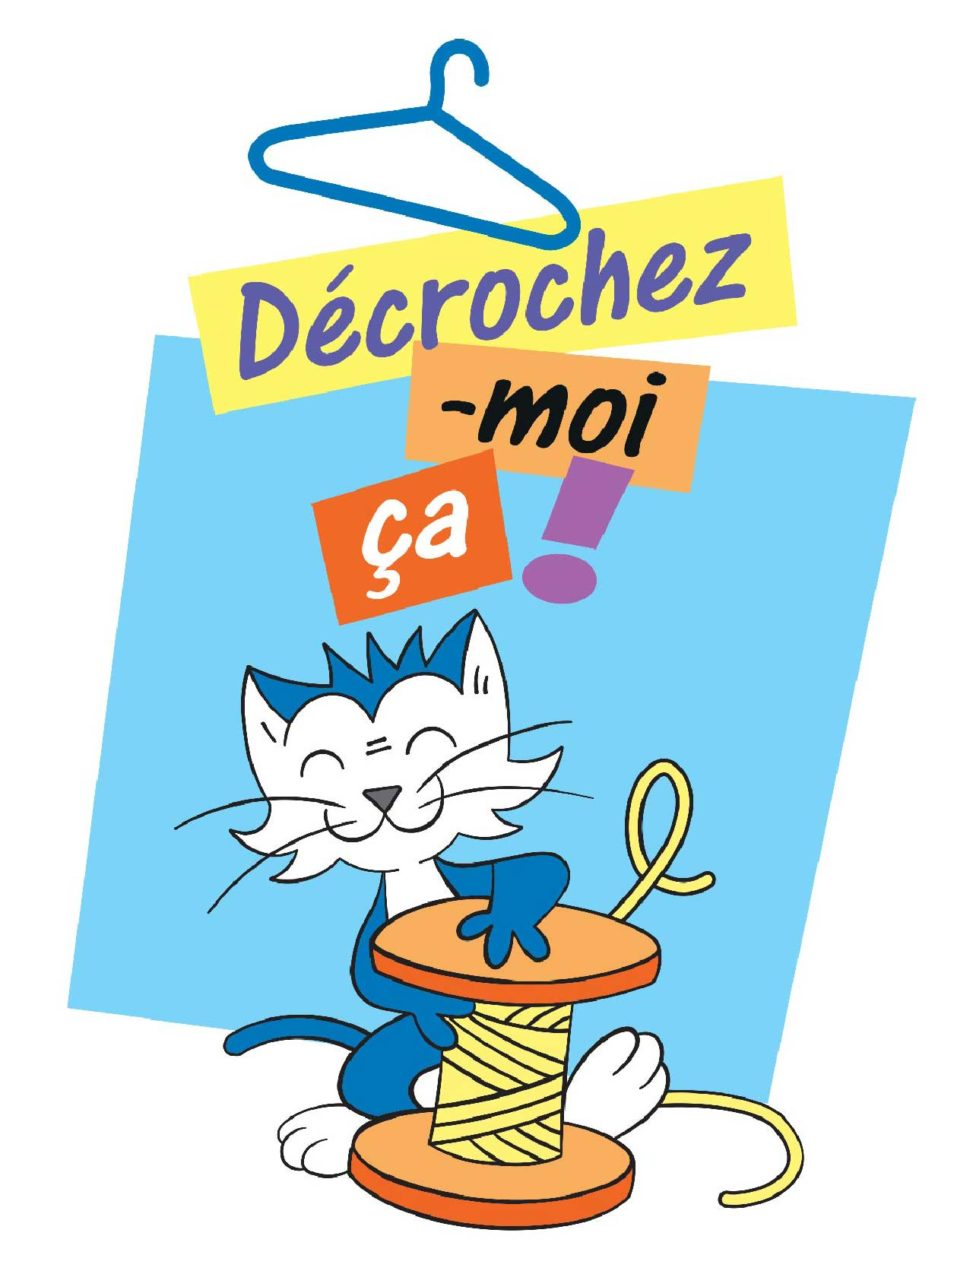 Logotype Association Décrochez-moi-ça - Marc-André BD Illustration Graphisme Limoges 2021 Bâtiment 25 tiers-lieu Marceau